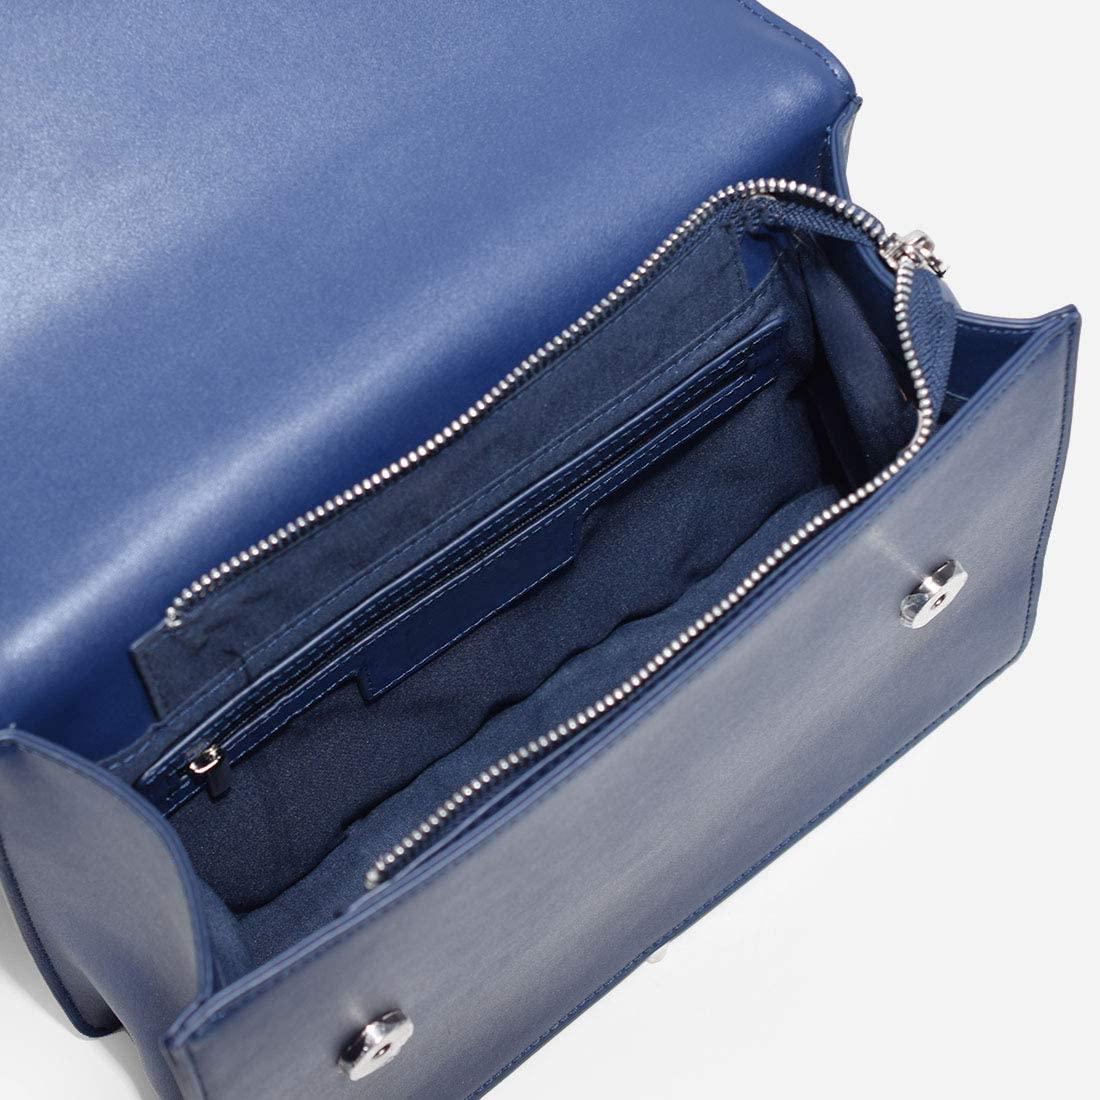 Evermore Lady Borsa a tracolla da donna Borsa a tracolla in pelle vegana artificiale di alta qualità Blu